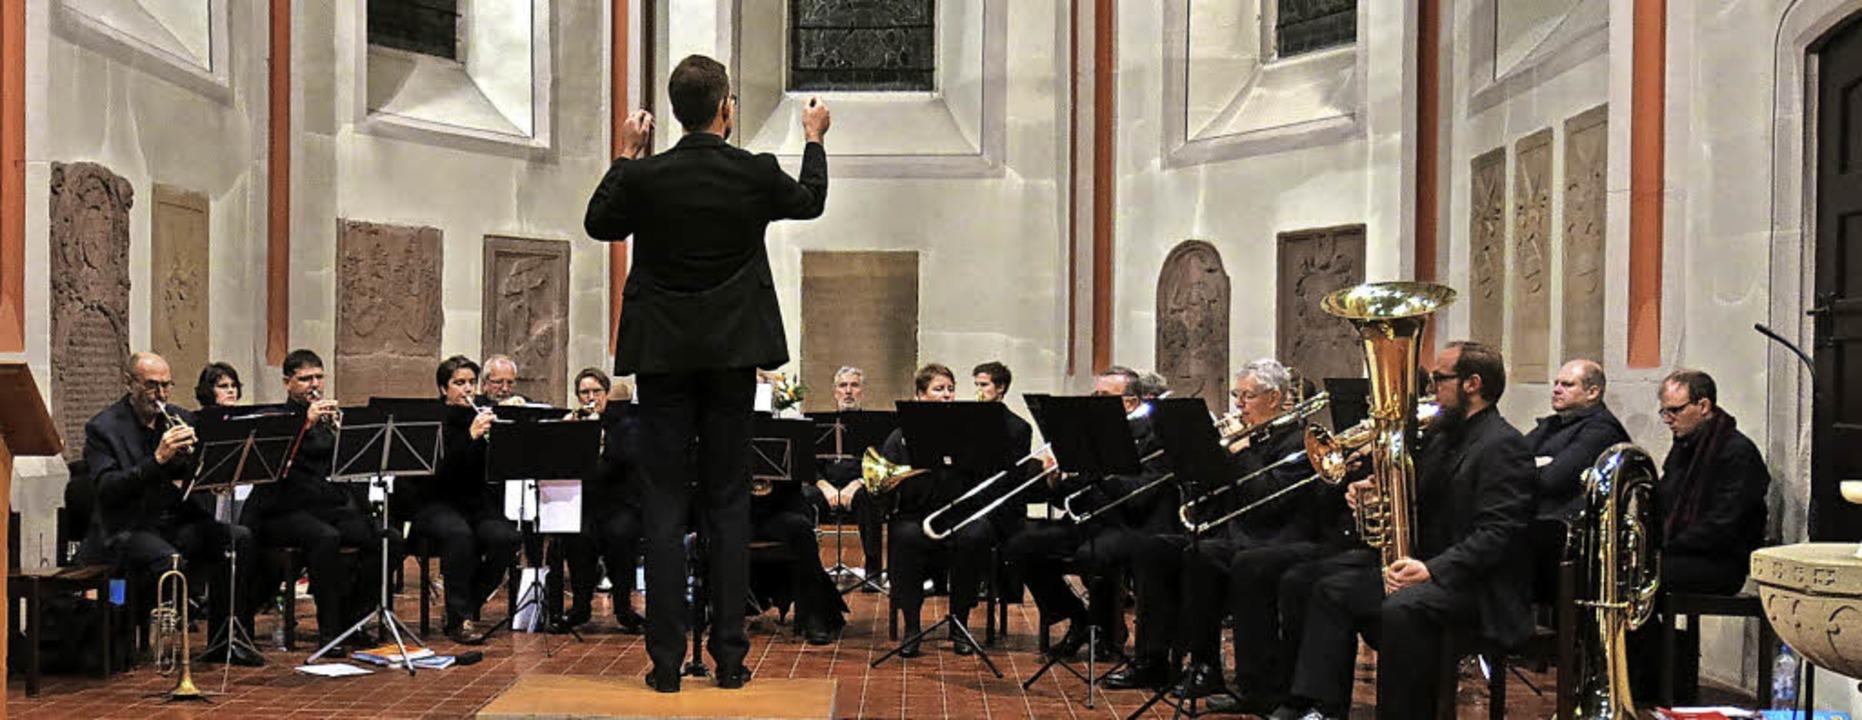 Bläserkonzert mit dem Posaunenchor Emmendingen und Bläserkreis Bötzingen  | Foto: Georg Voß